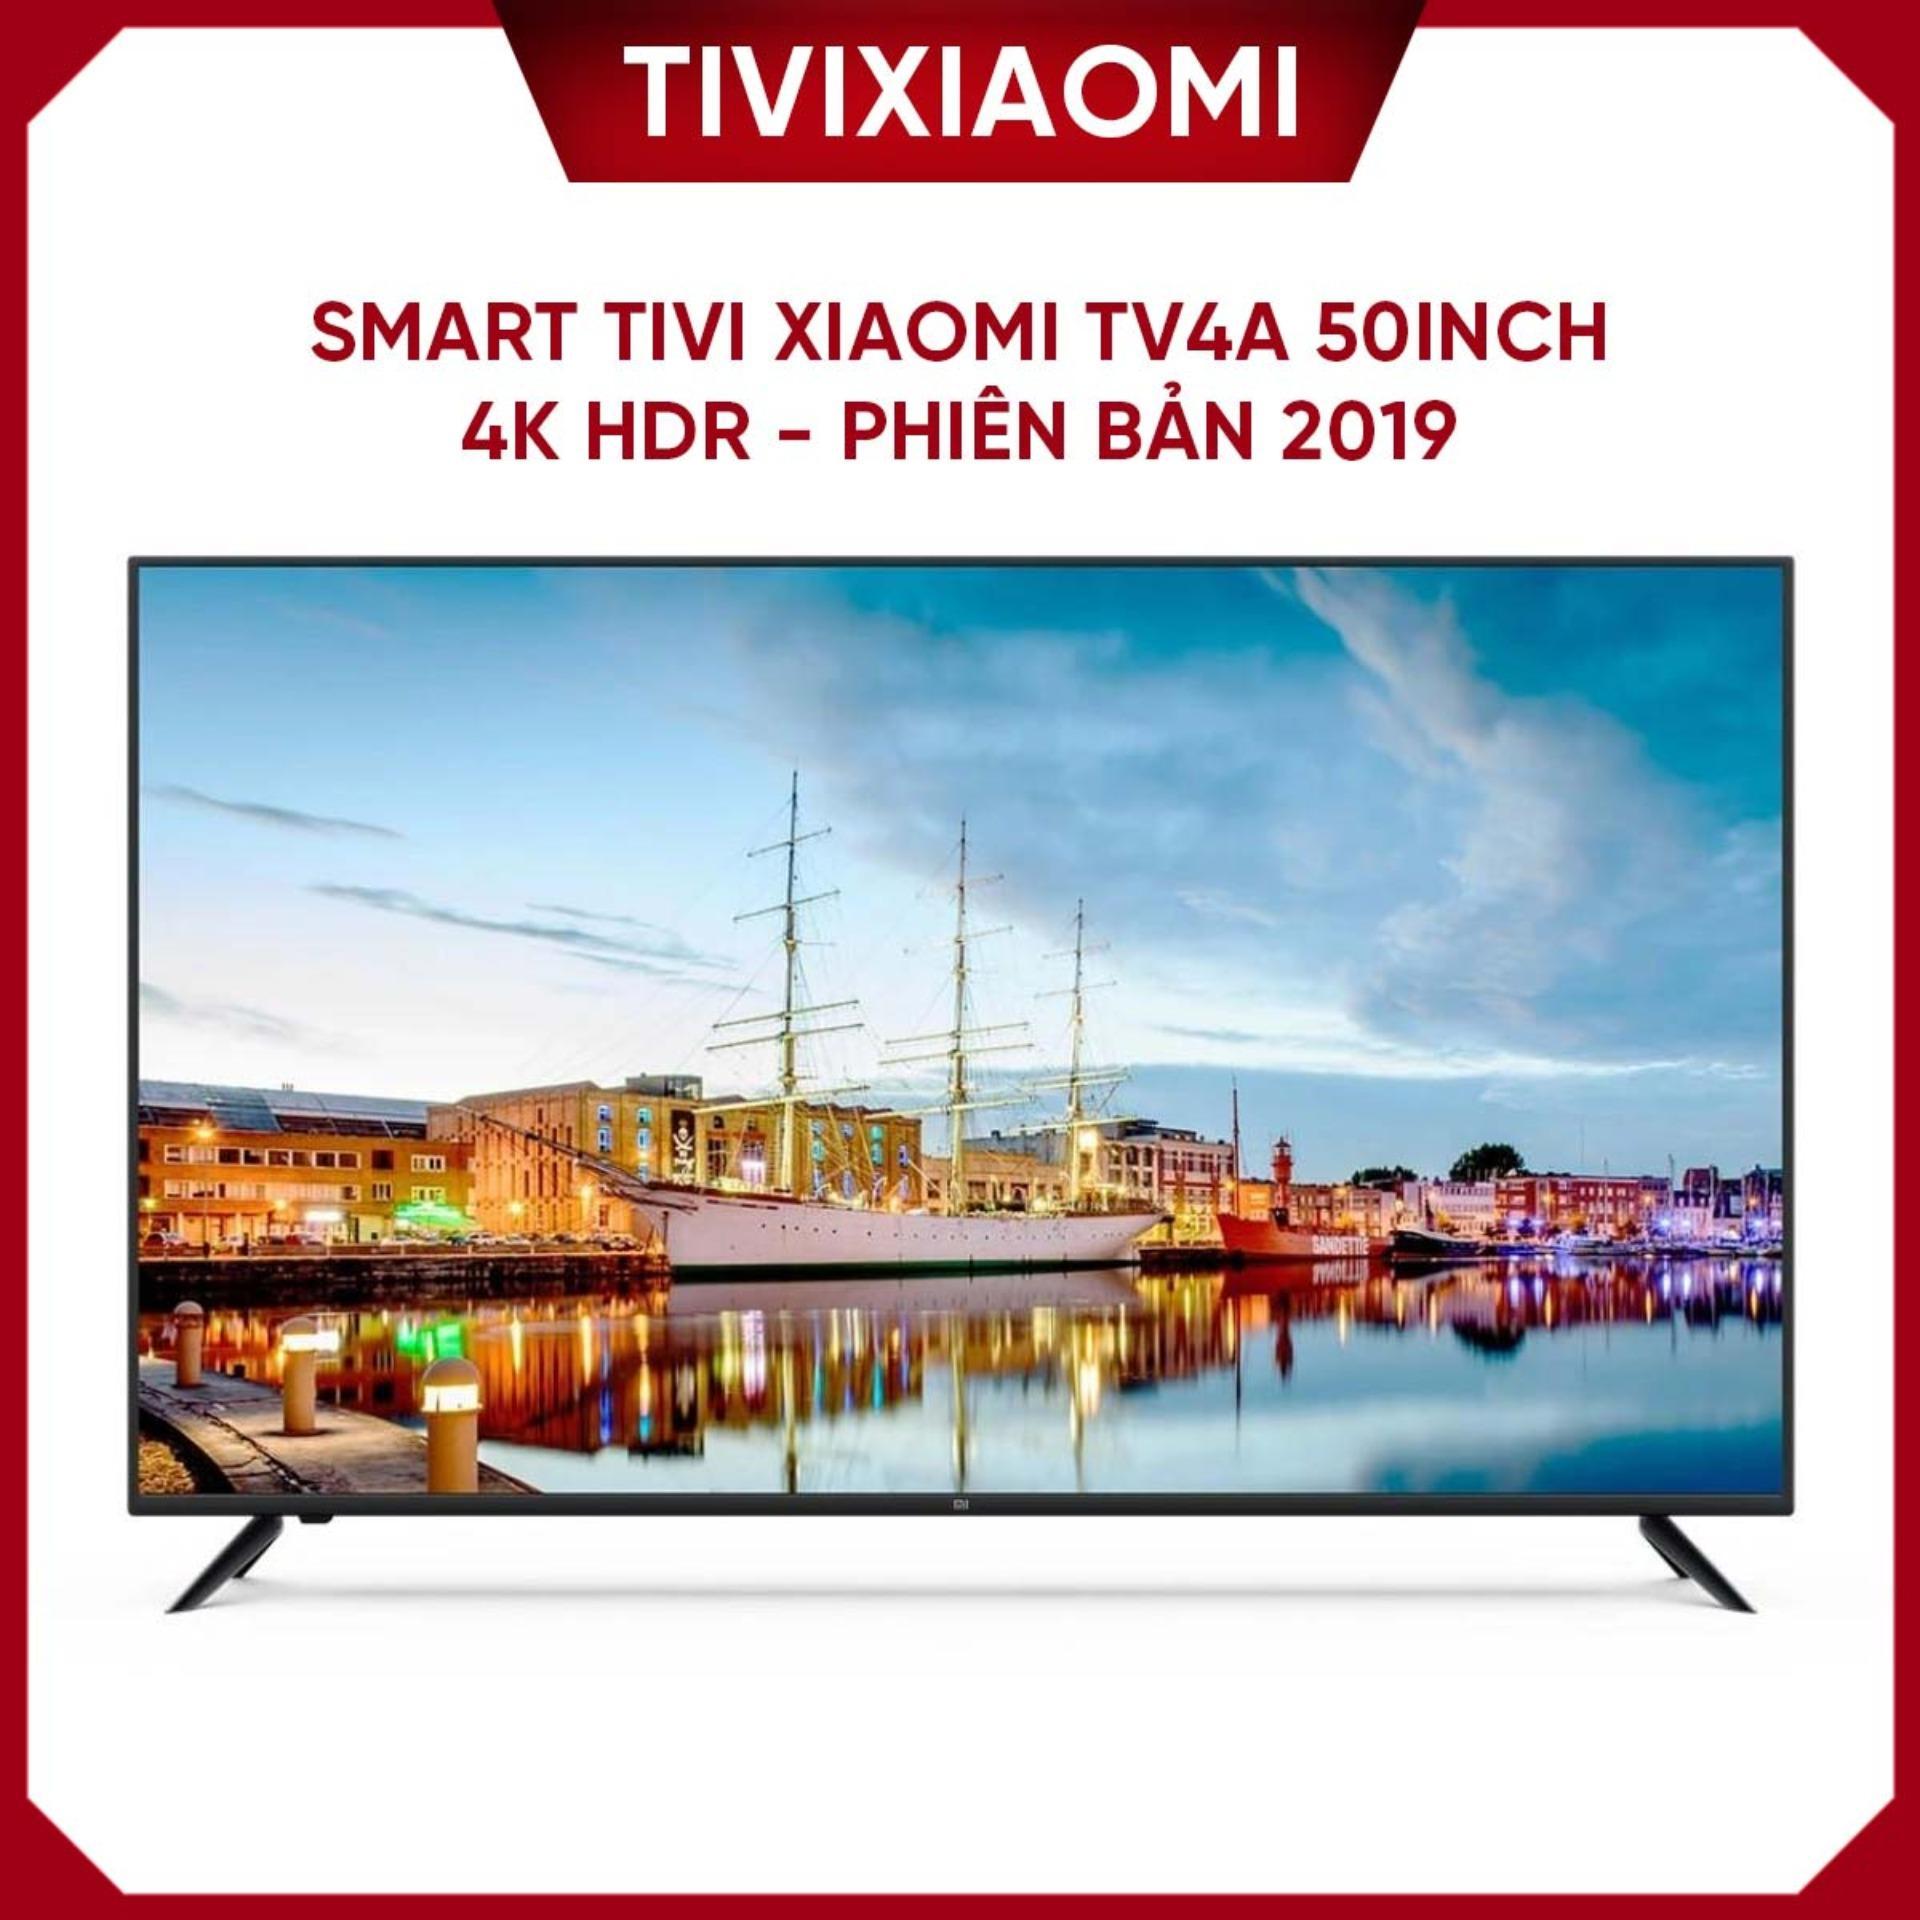 Bảng giá Smart Tivi Xiaomi TV4A 50inch 4k HDR - Phiên bản 2019 hỗ trợ điều khiển giọng nói Tiếng Việt